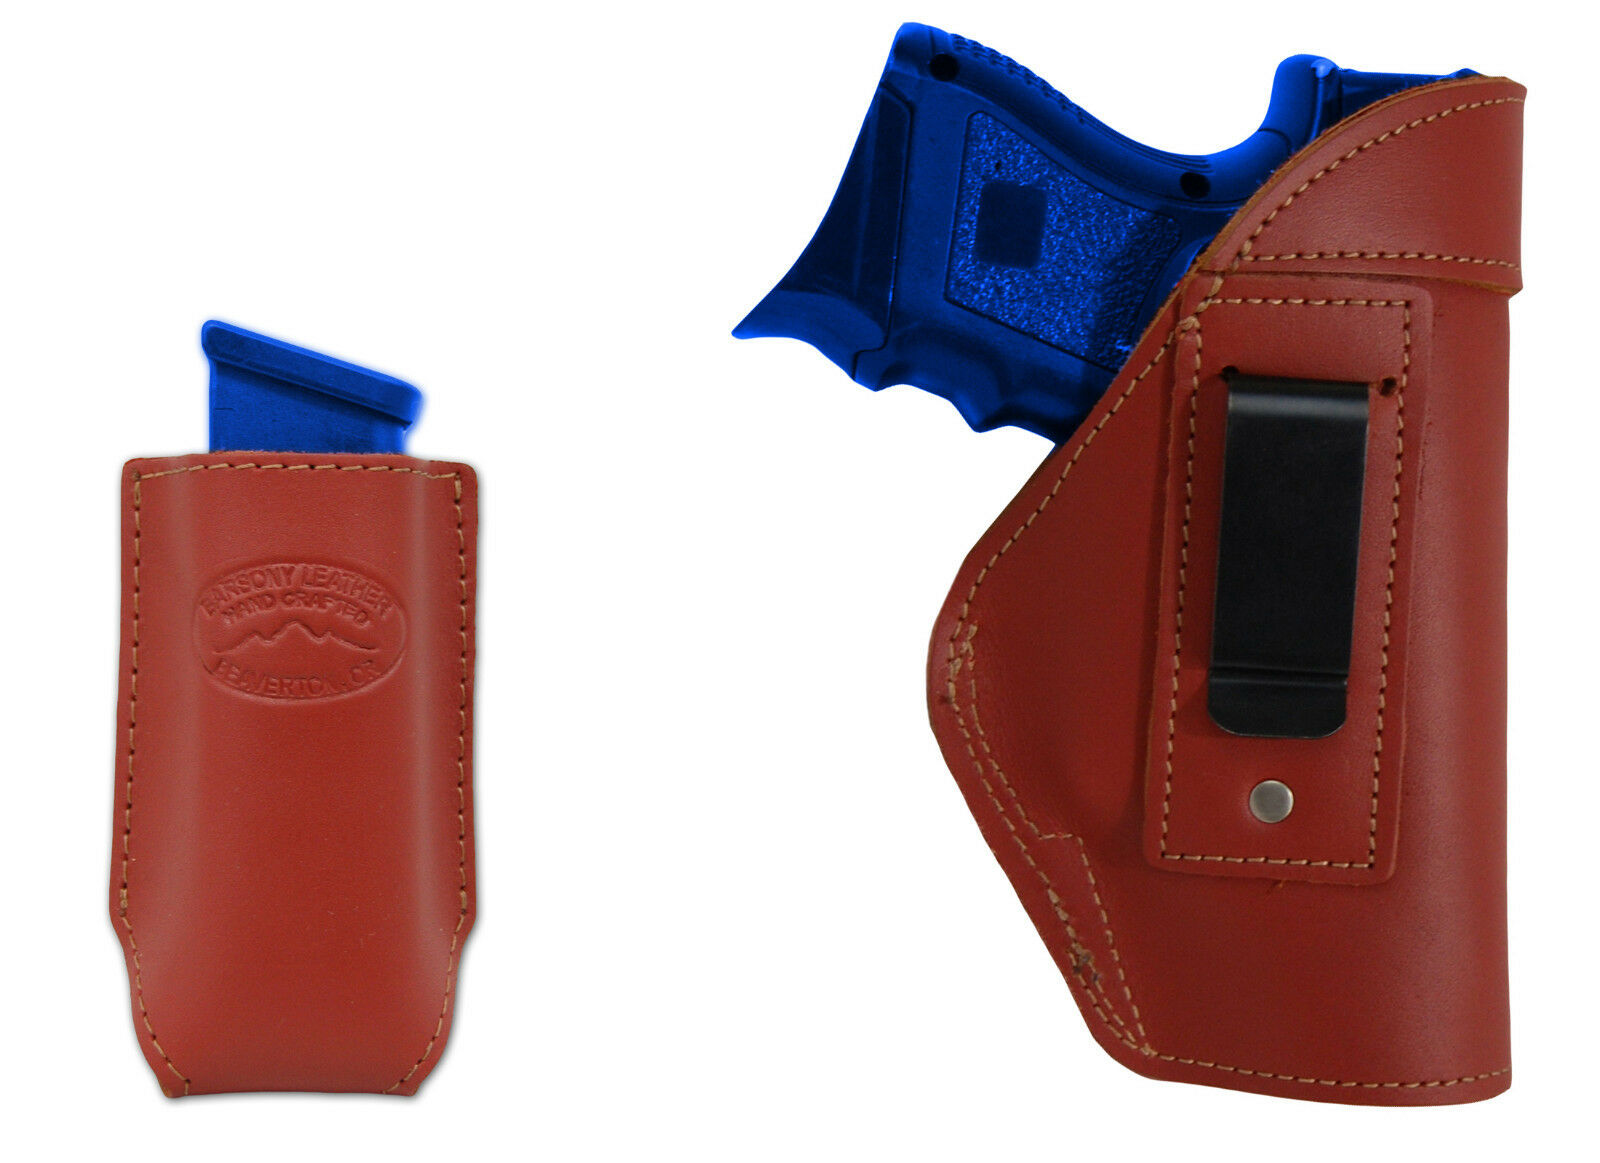 NEW Barsony Burgundy Leder IWB Holster + Mag Pouch HK, Kahr Compact 9mm 40 45